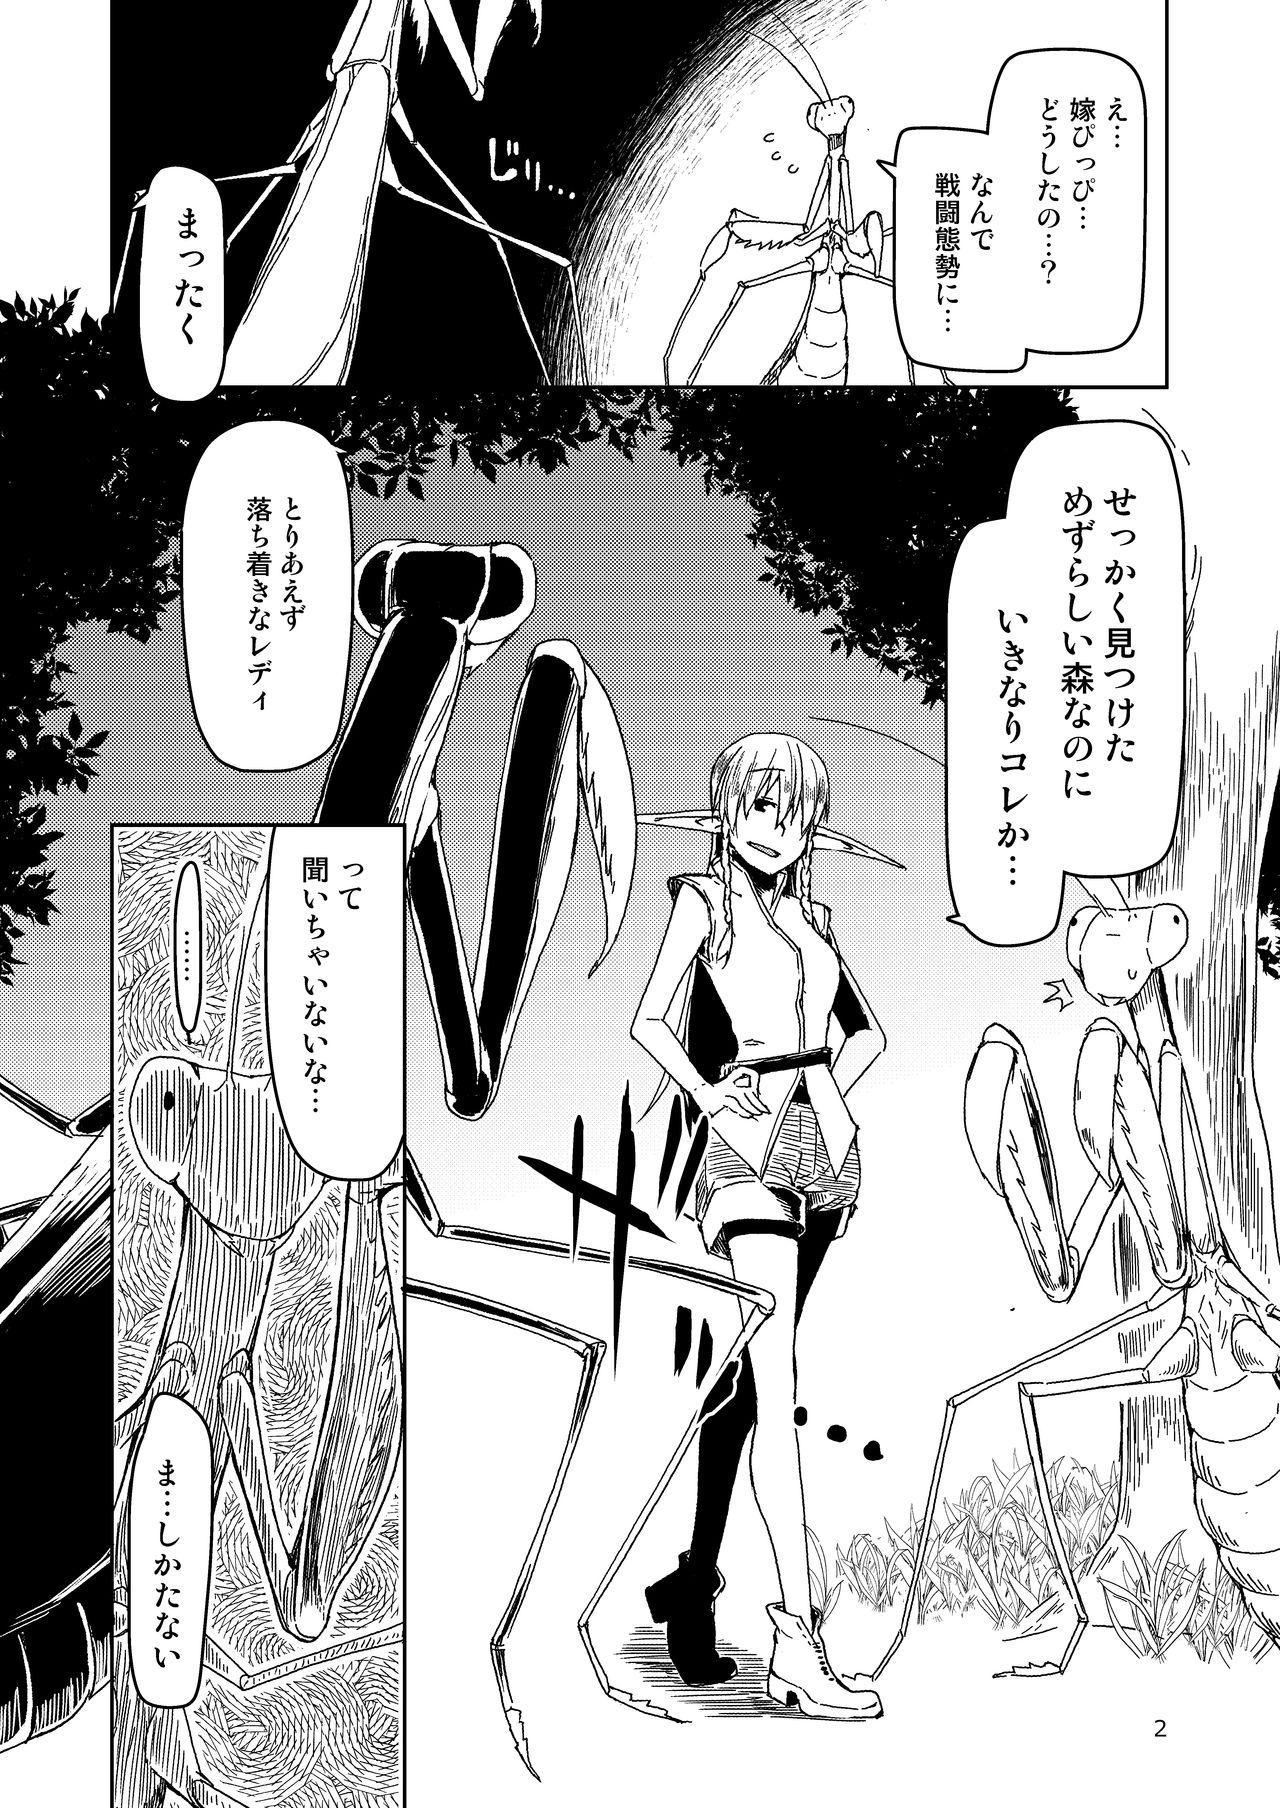 Dosukebe Elf no Ishukan Nikki Matome 2 2